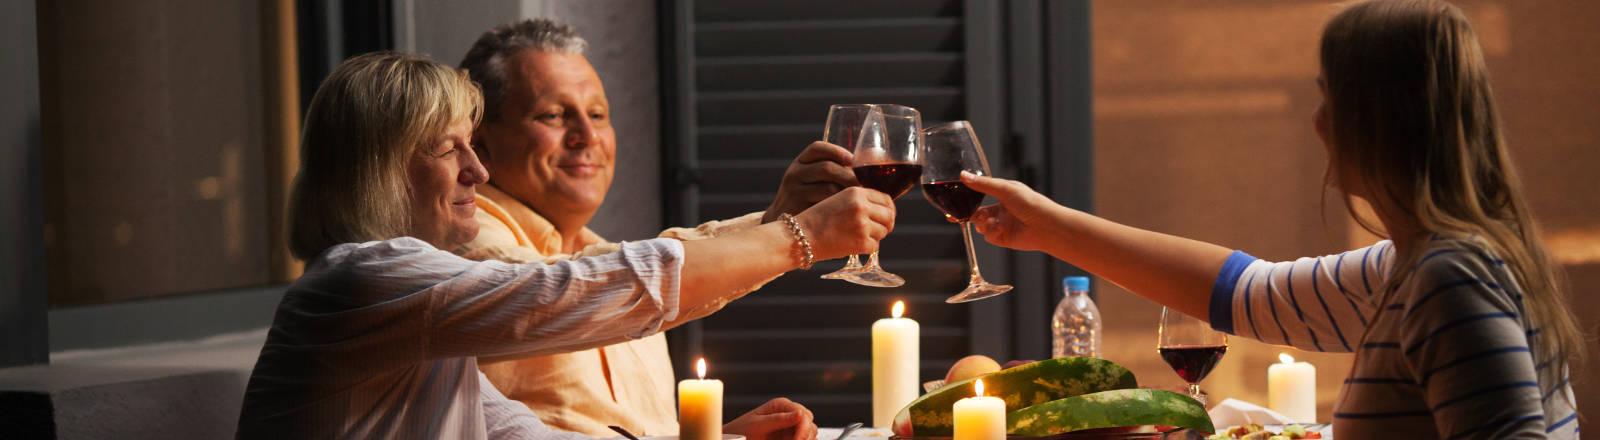 Eine Familie am Tisch mit einem Glas Wein in der Hand